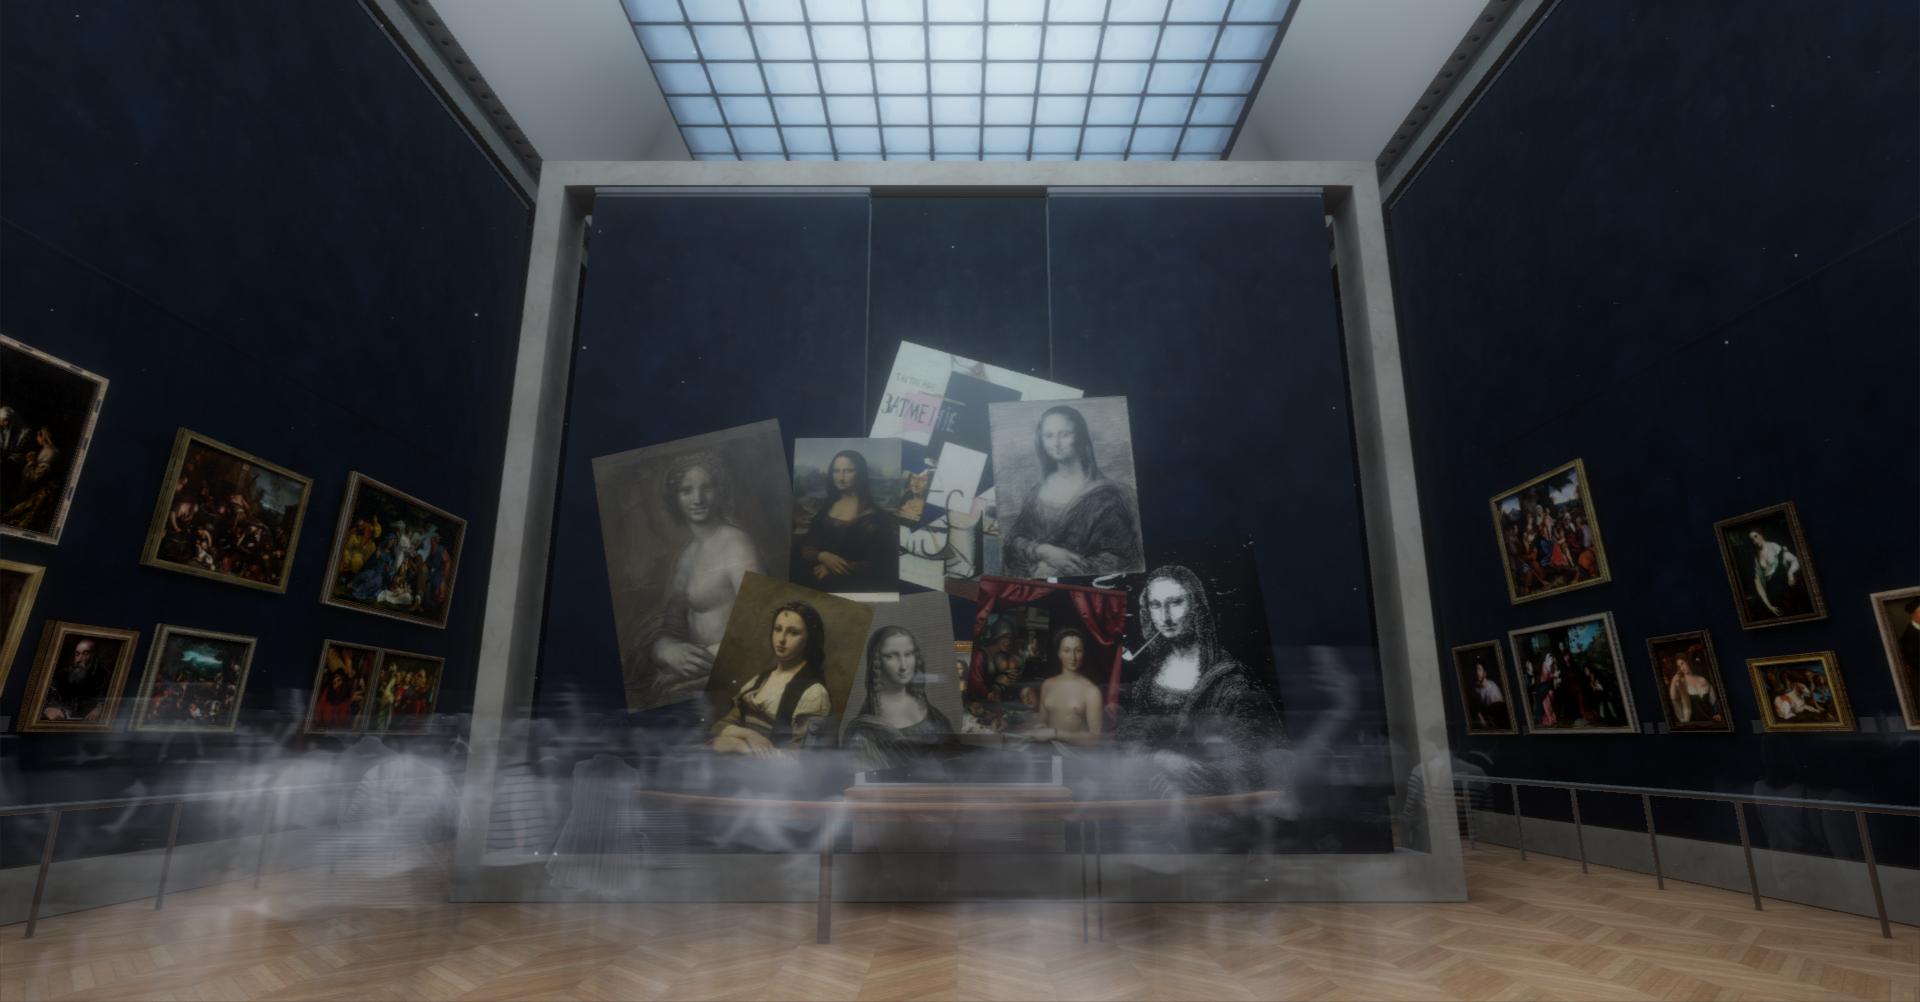 Actualité : La Joconde s'expose en réalité virtuelle au musée du Louvre